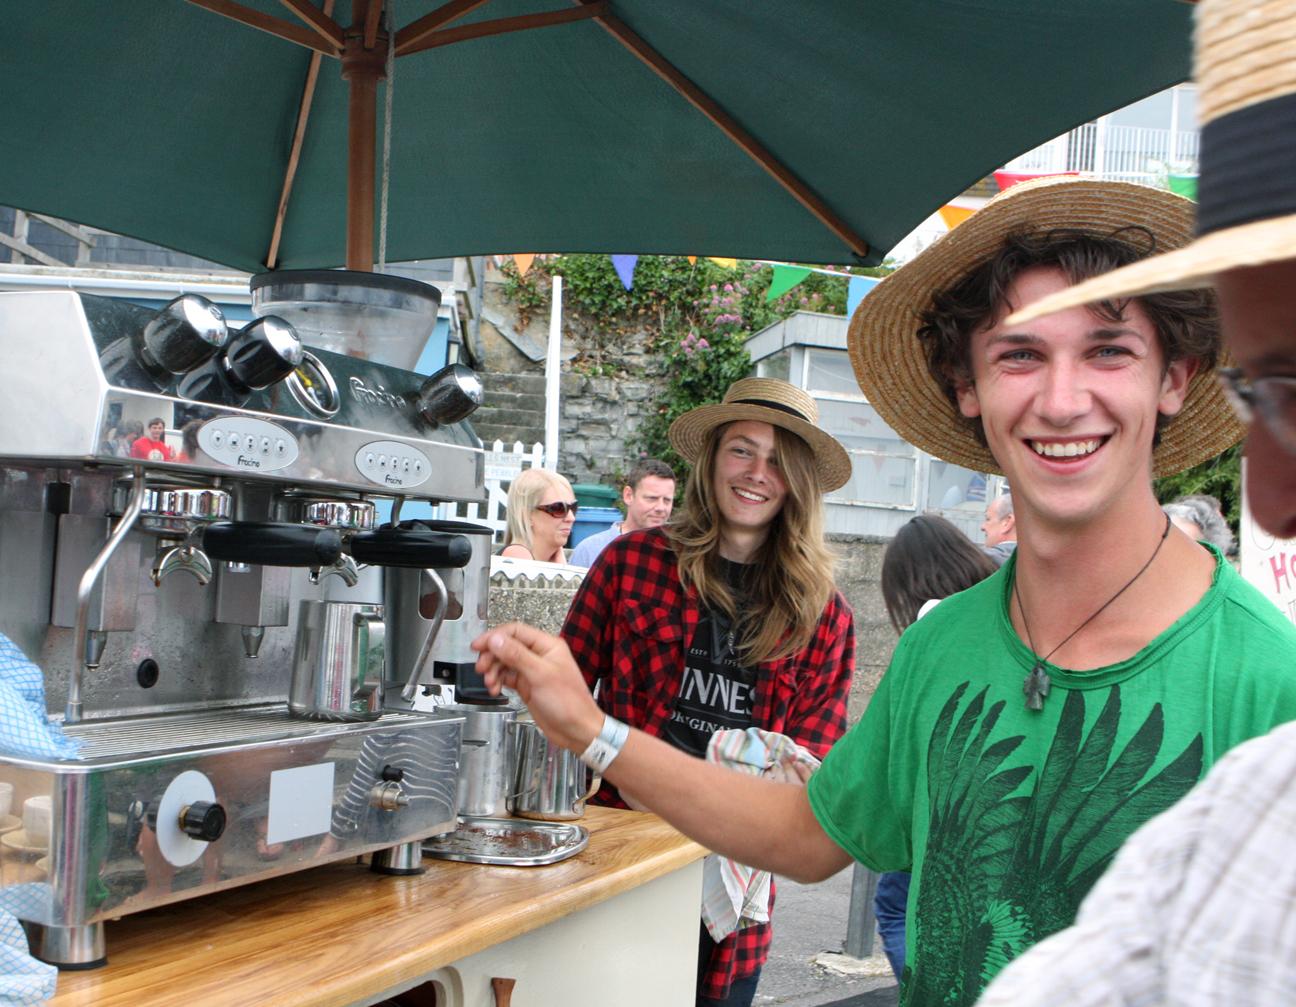 Fresh Coffee Truck - Big Mix Festival Lyme Regis